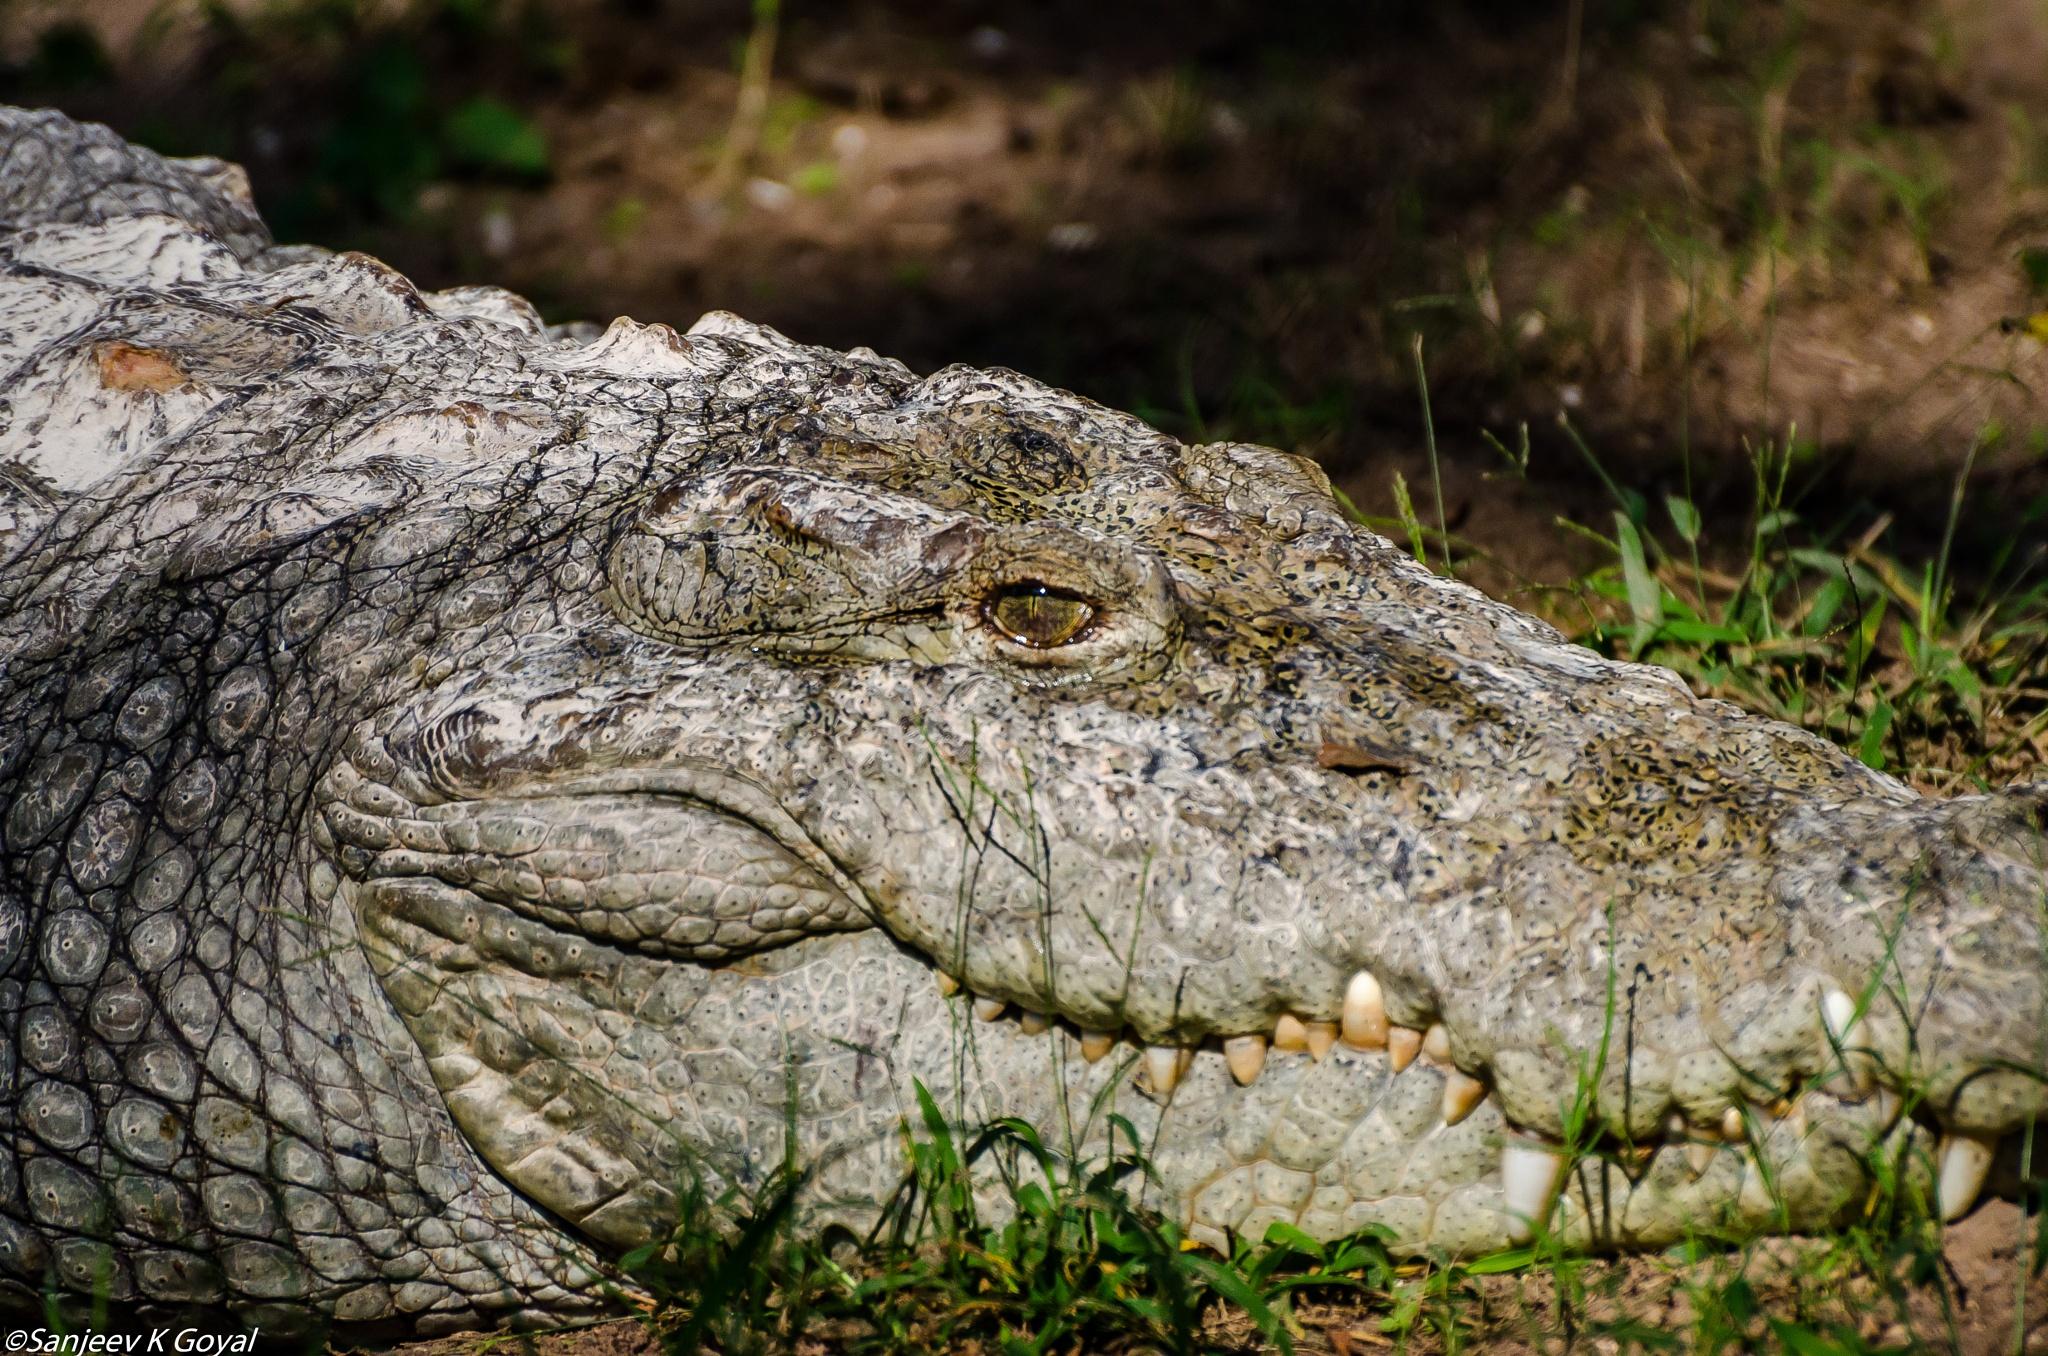 Croc by sanjeev.k.goyal.10